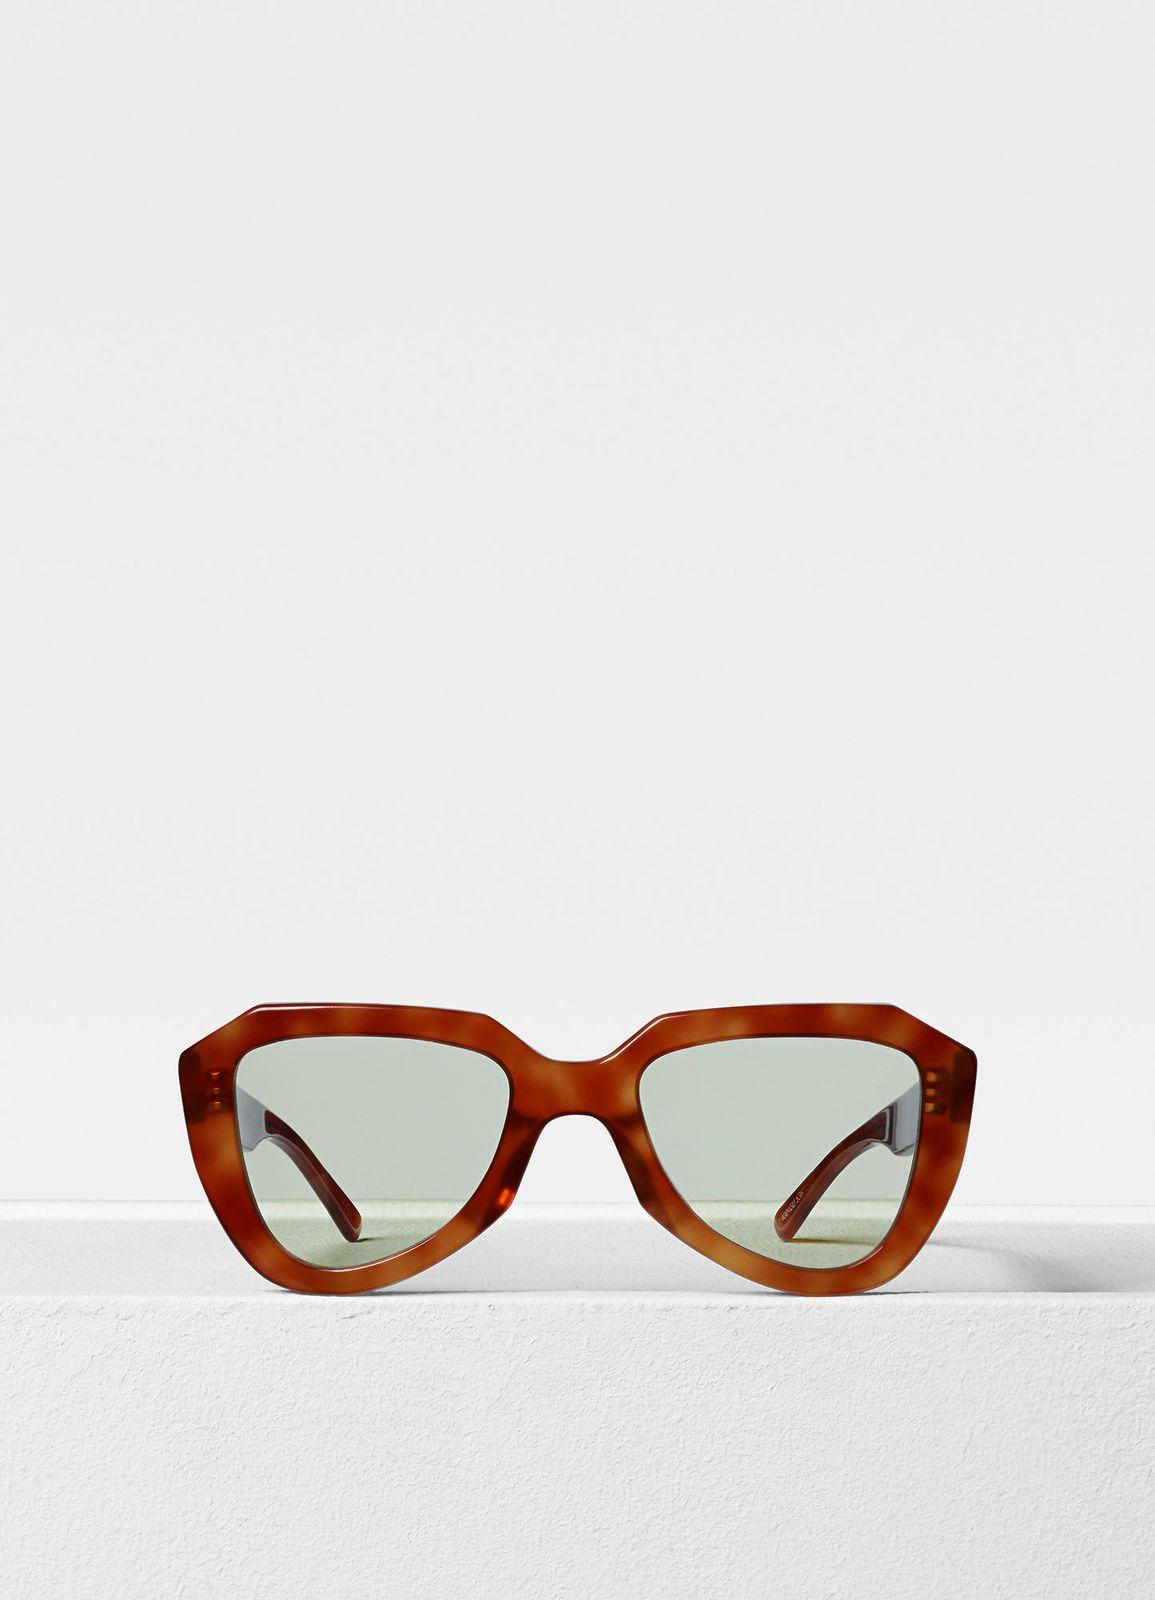 e6c66a537ca Aviator sunglasses in acetate